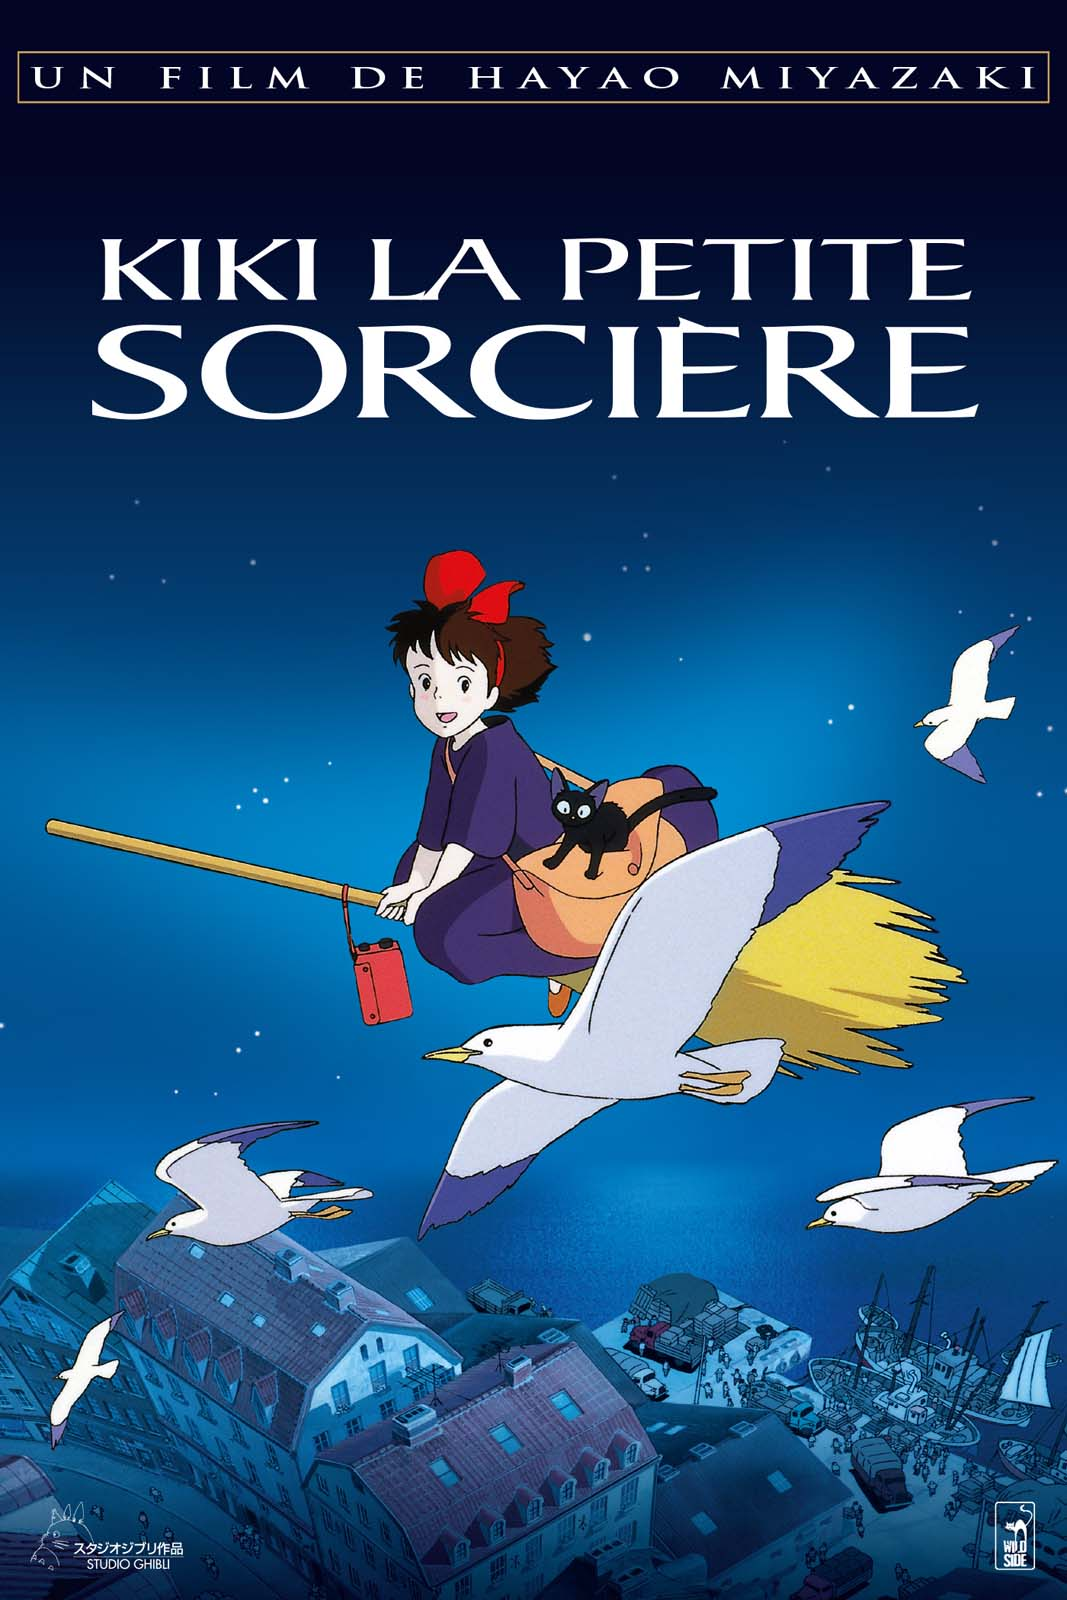 Chateau Dans Le Ciel Streaming : chateau, streaming, Petite, Sorcière, AlloCiné